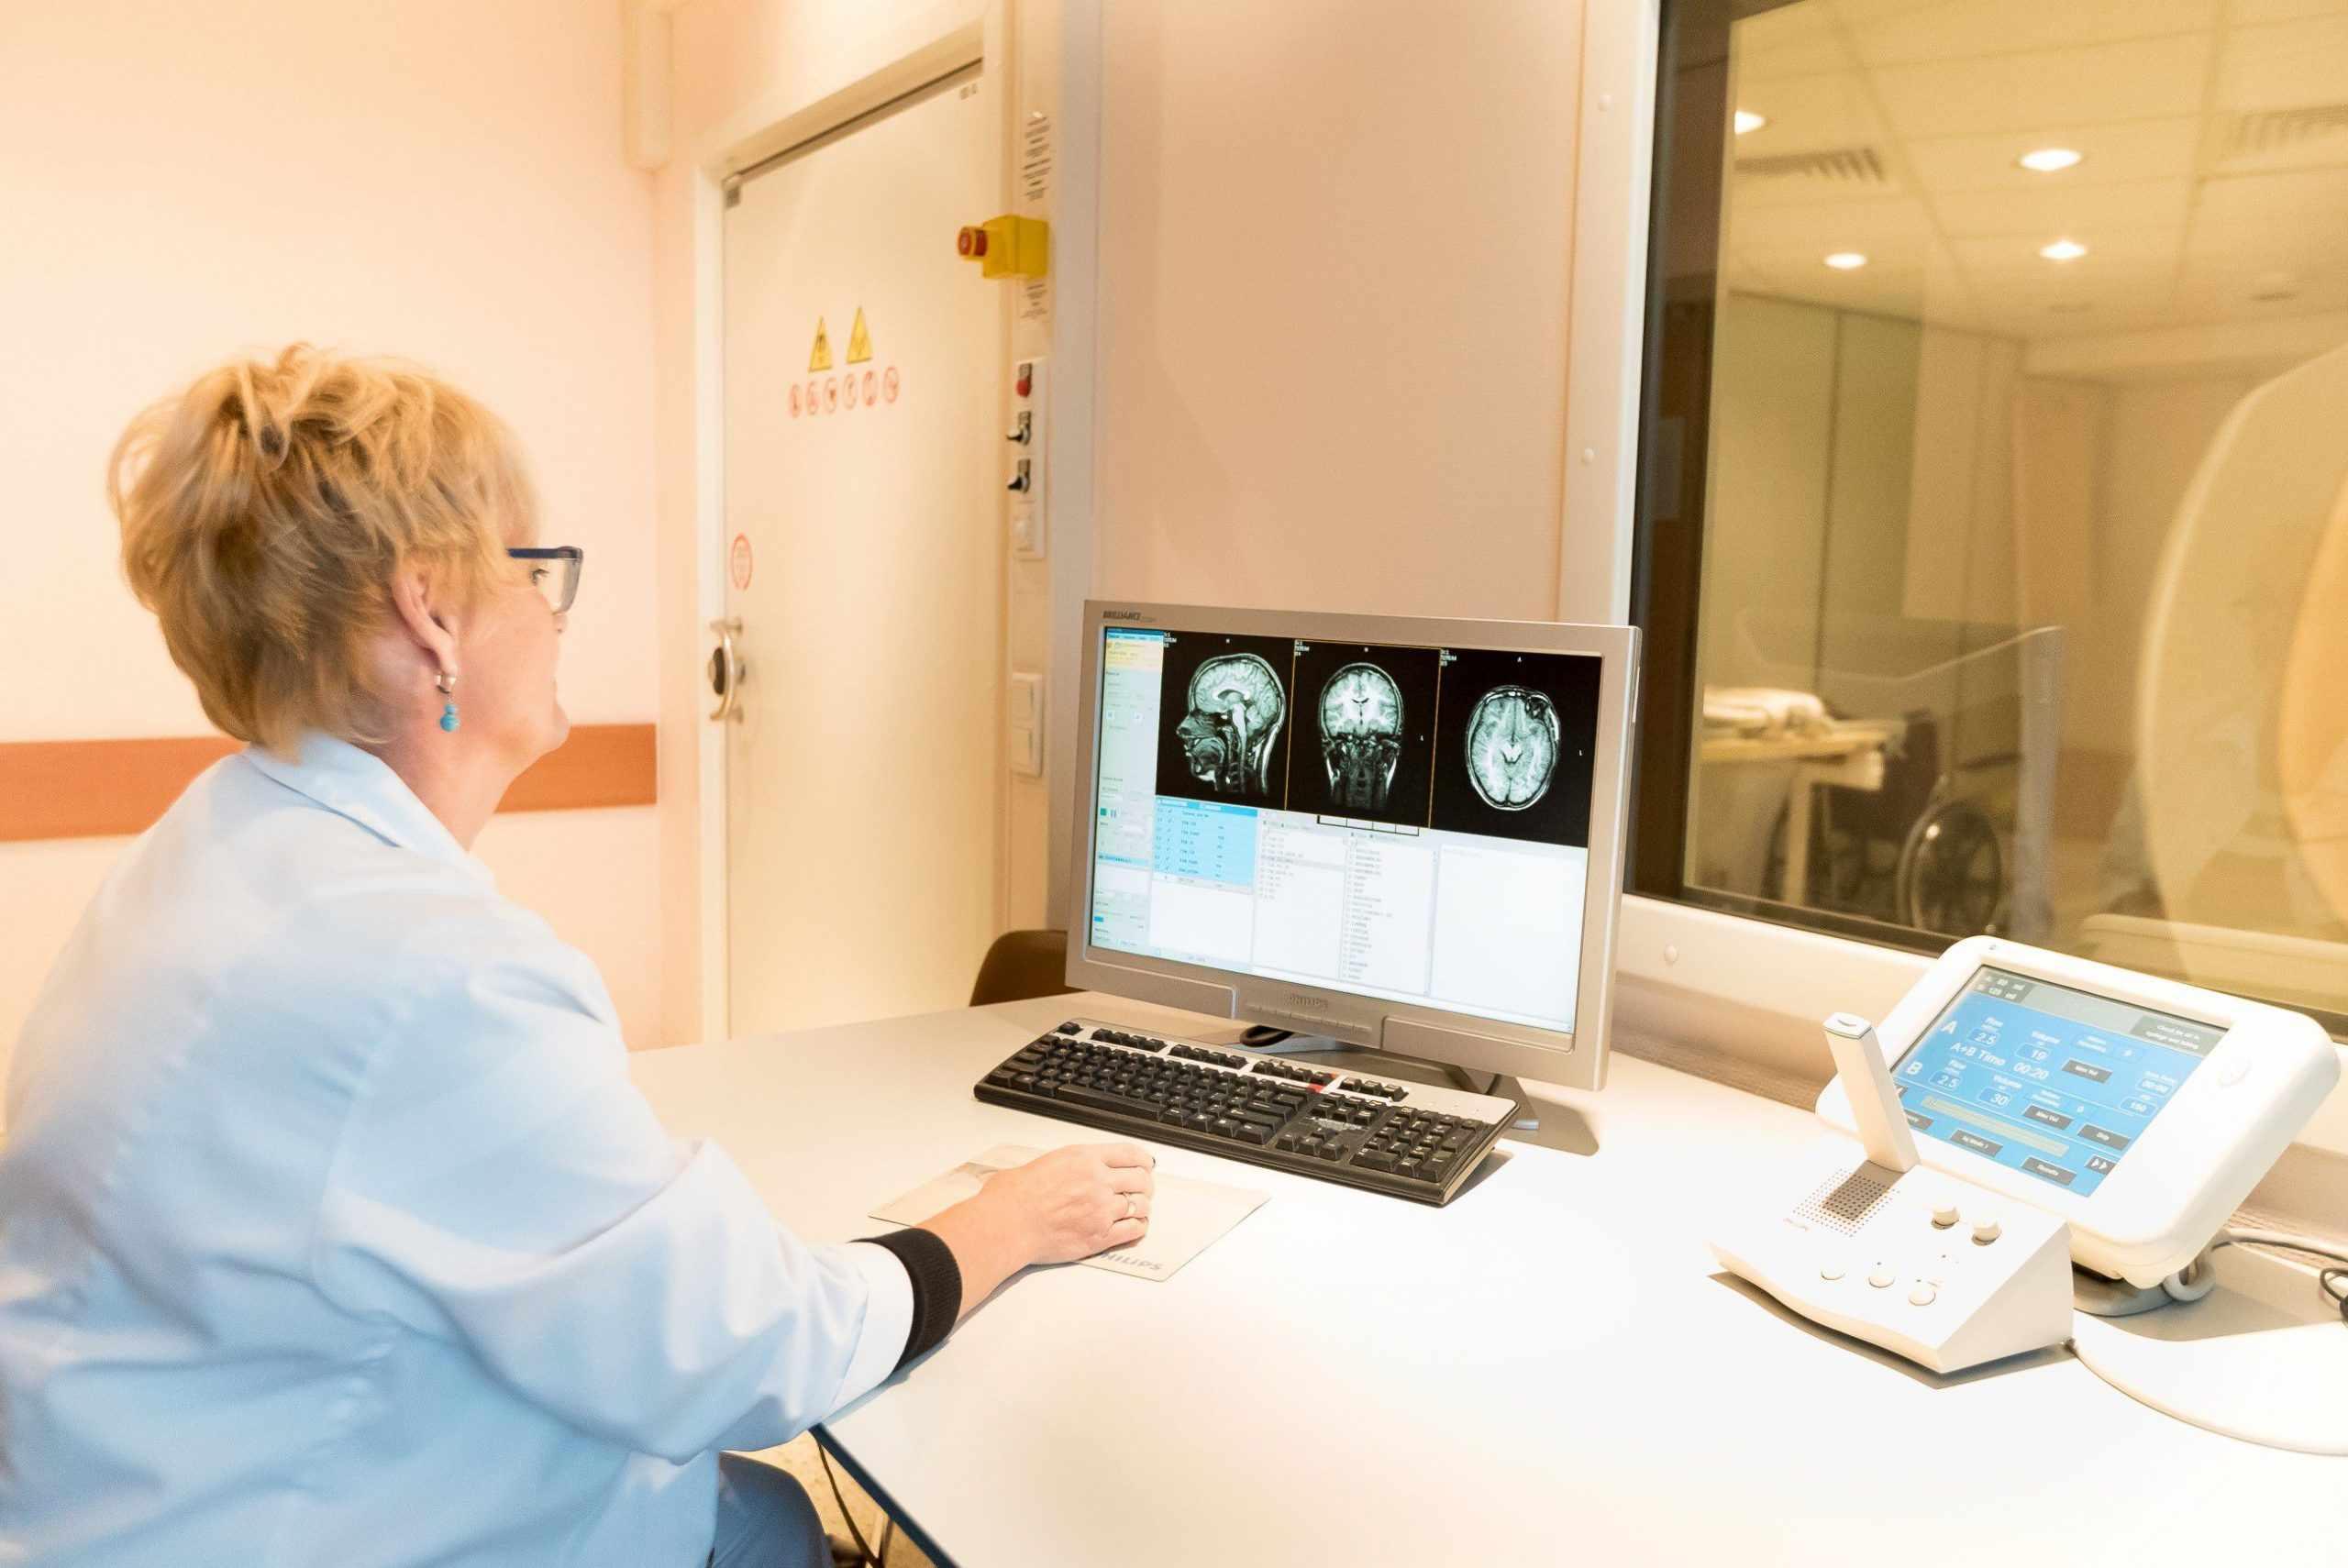 Медицинский центр в Гюмри Армении проводит магнитно-резонансную томографию